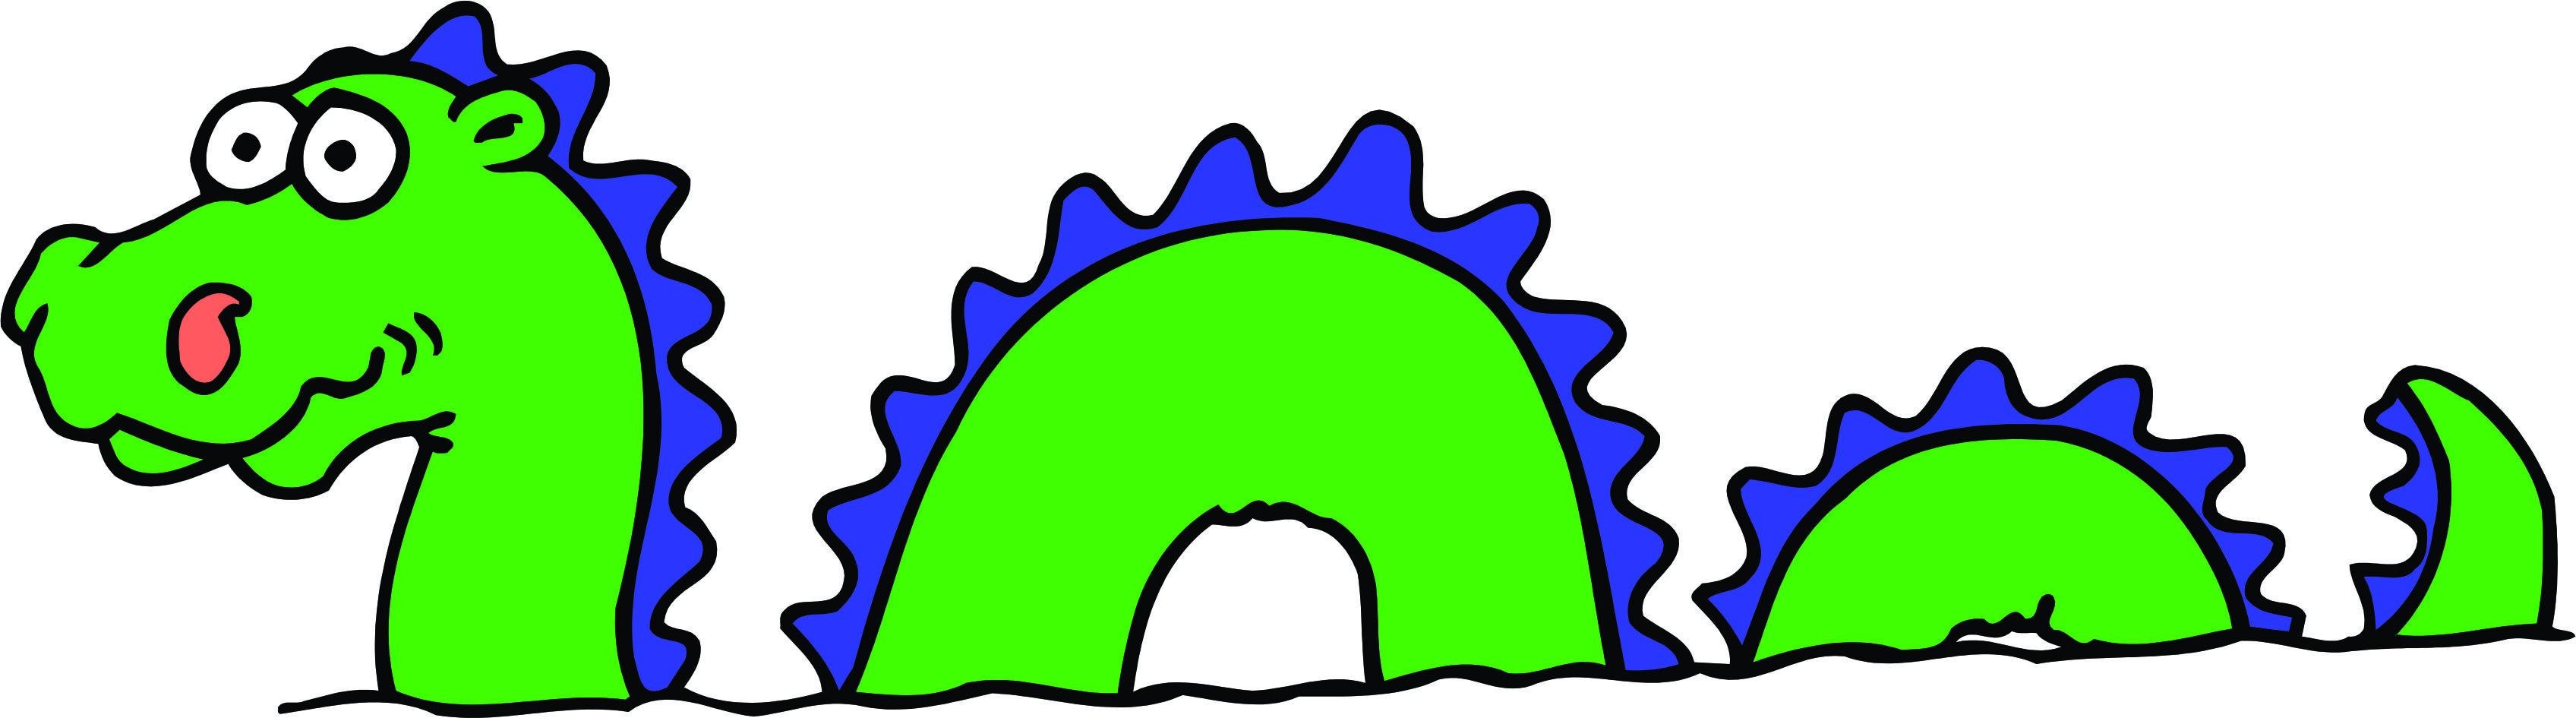 Loch Ness Monster Cartoon .